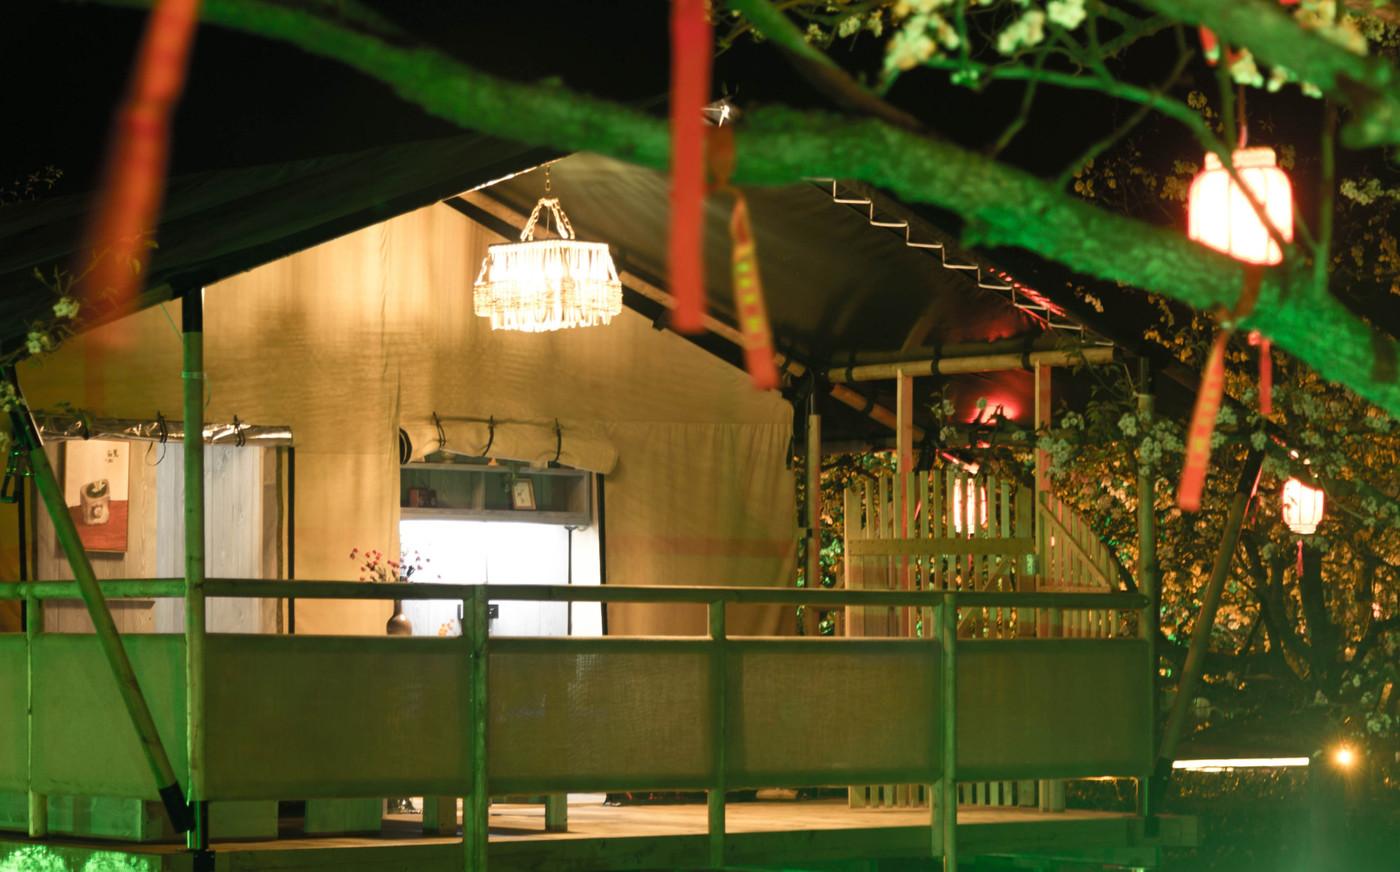 喜马拉雅野奢帐篷酒店—安徽砀山东篱蓬芦梨园帐篷酒店11